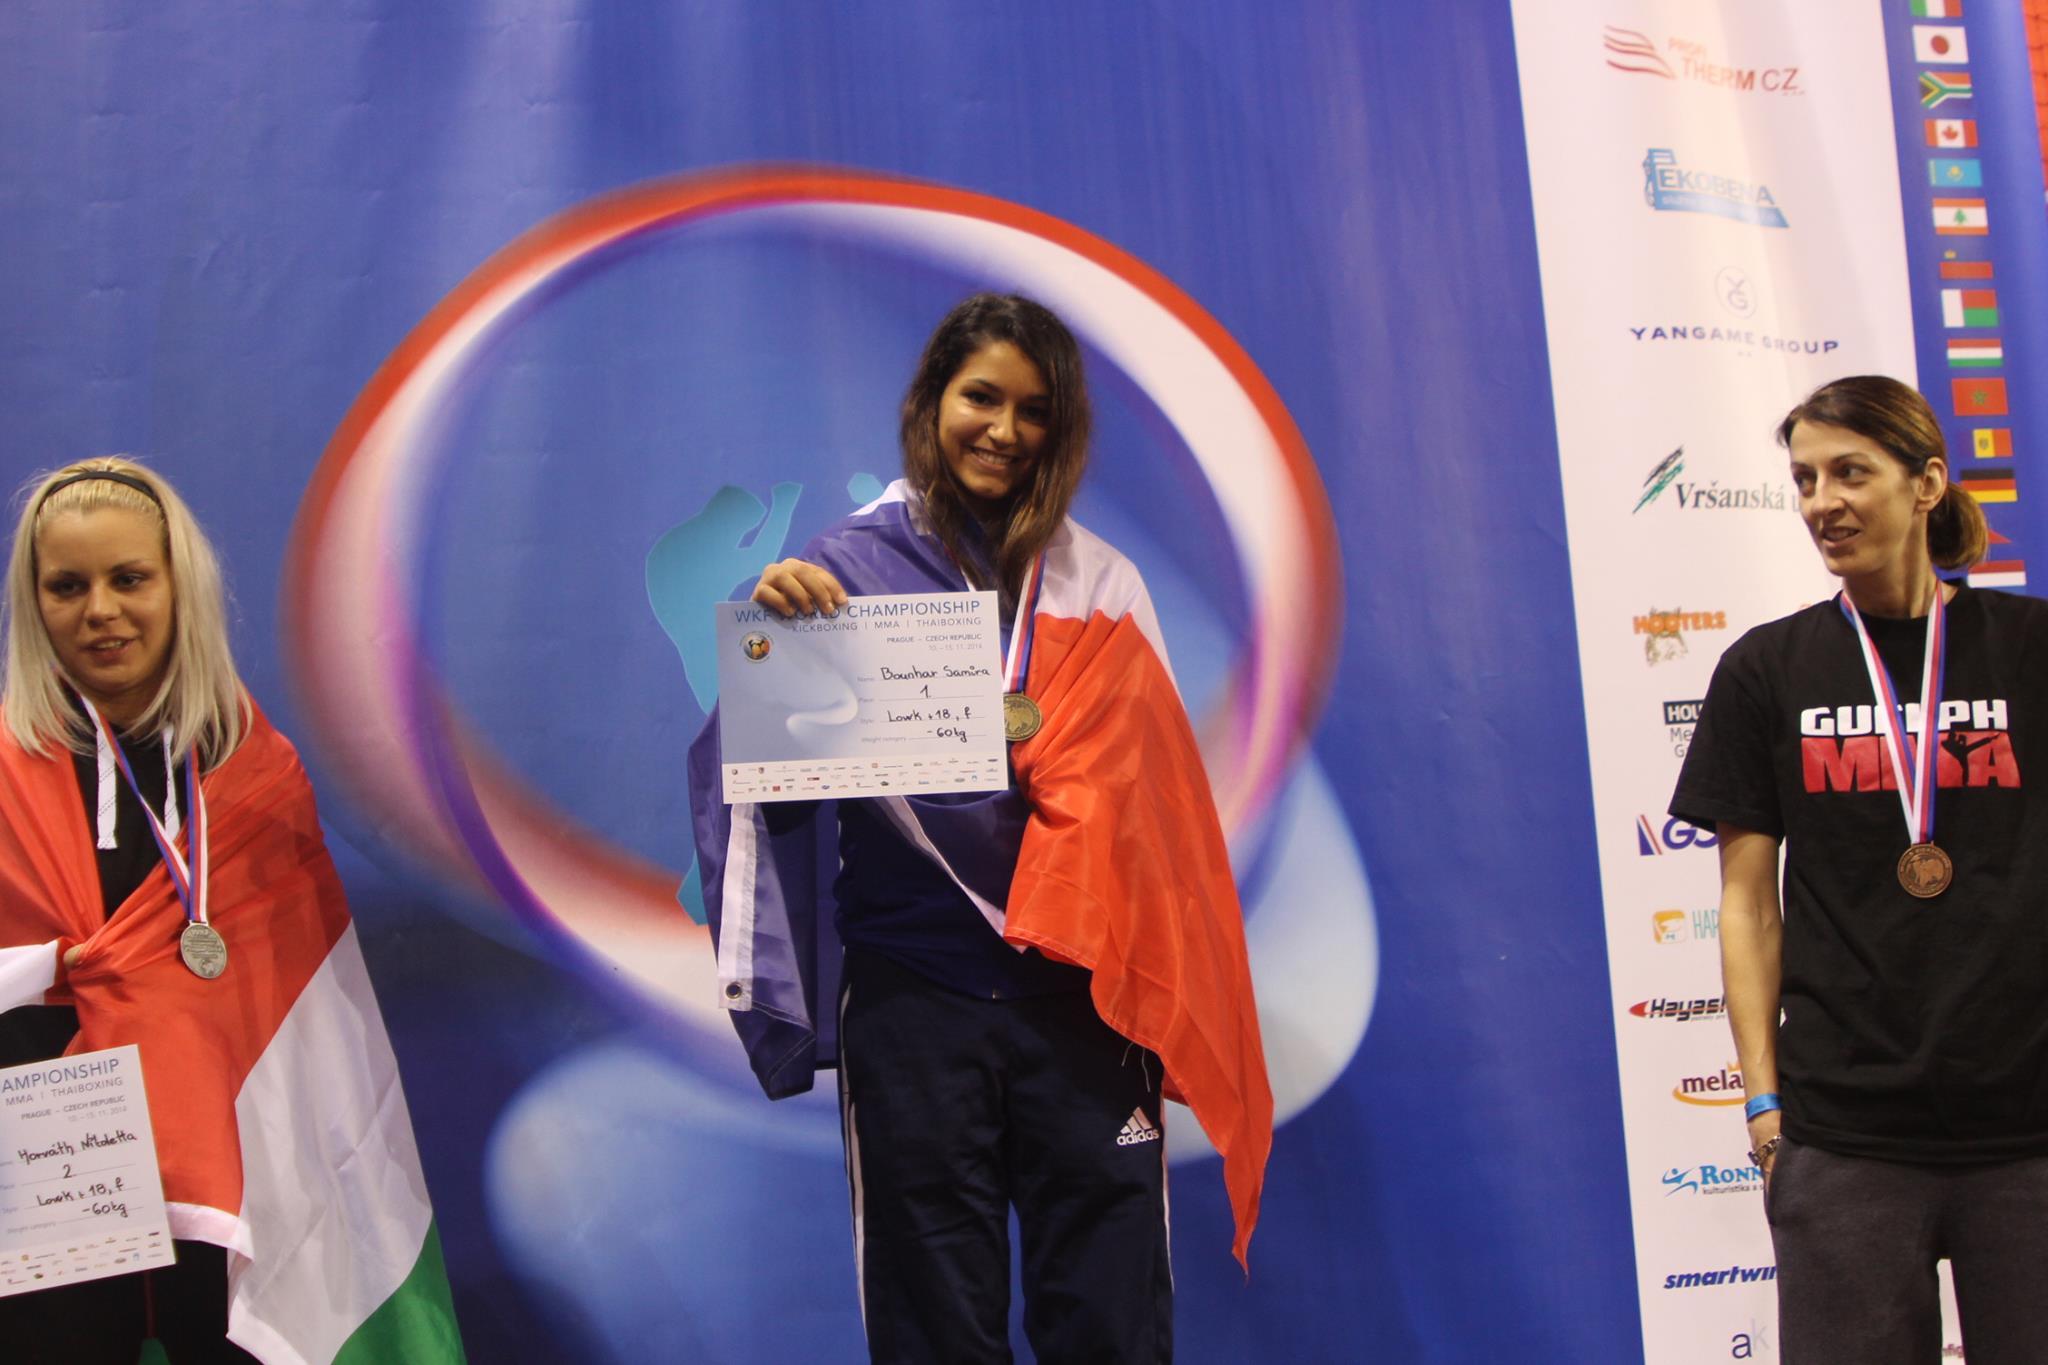 Une étudiante de l'UPEC championne du monde de kick-boxing